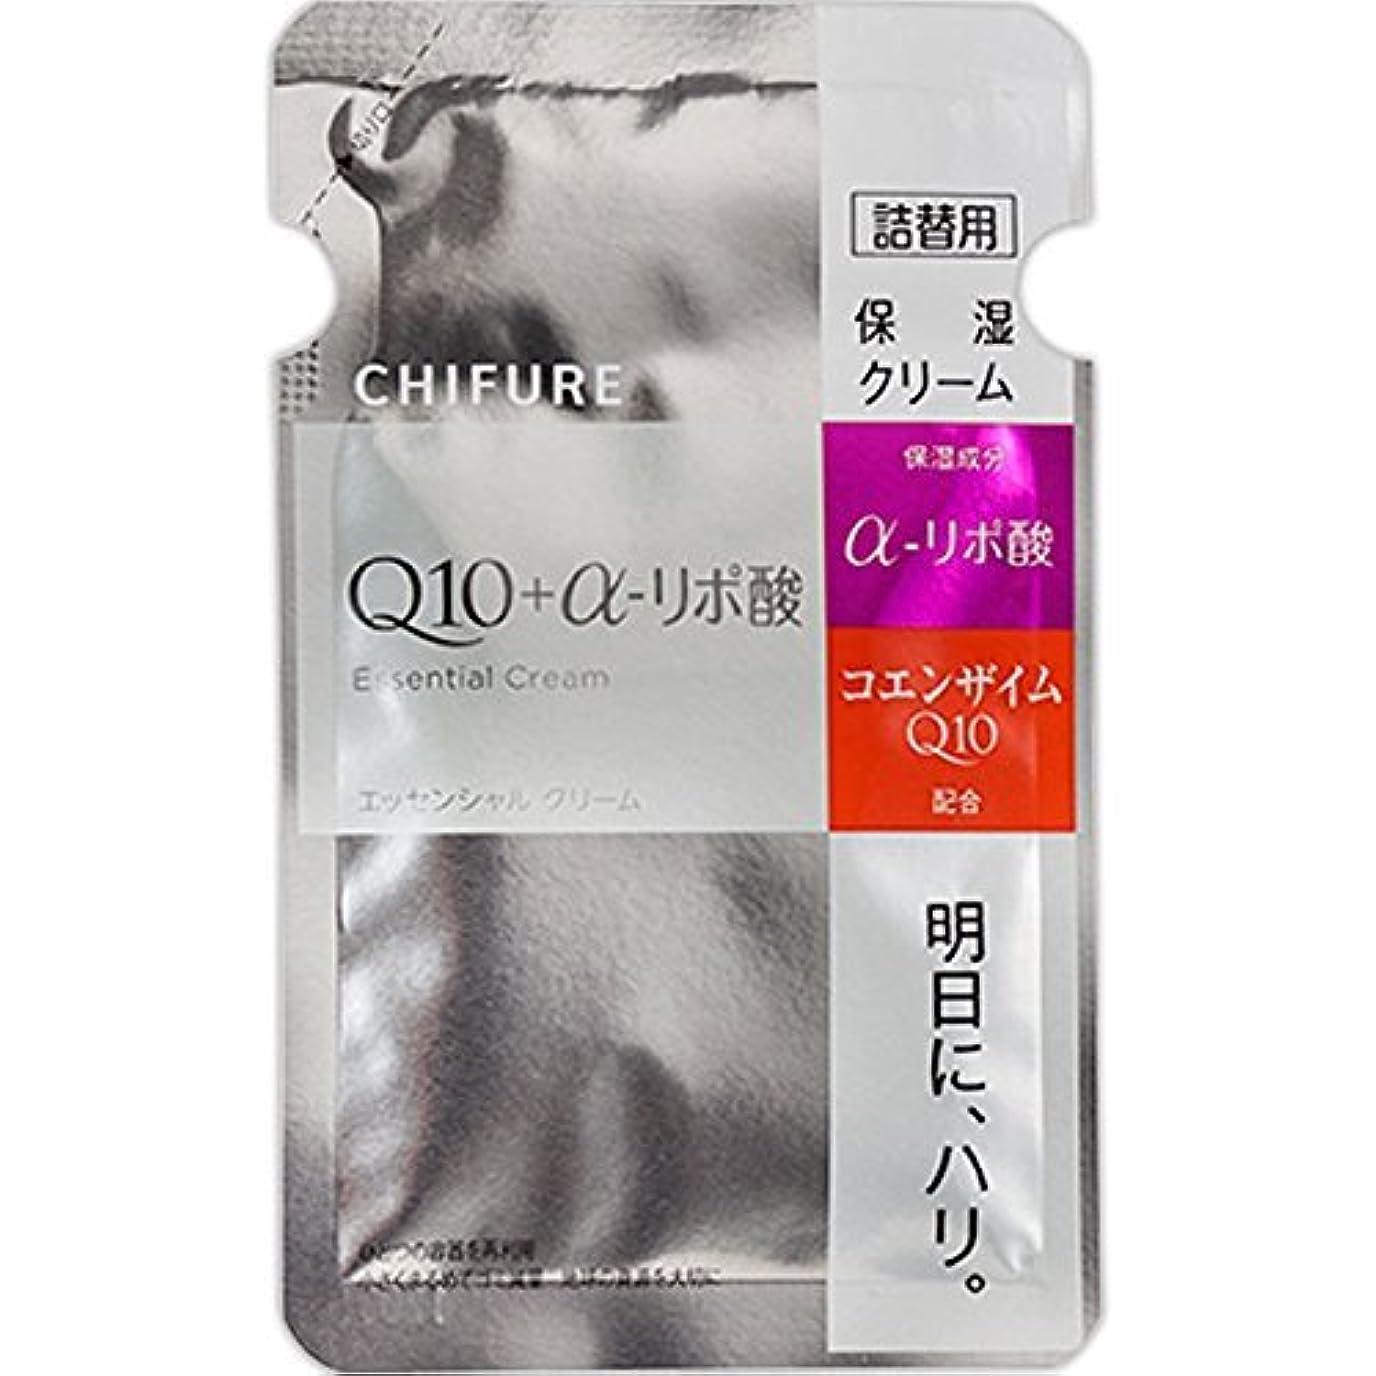 うねる敵ブロックするちふれ化粧品 エッセンシャル クリーム 詰替用 30G